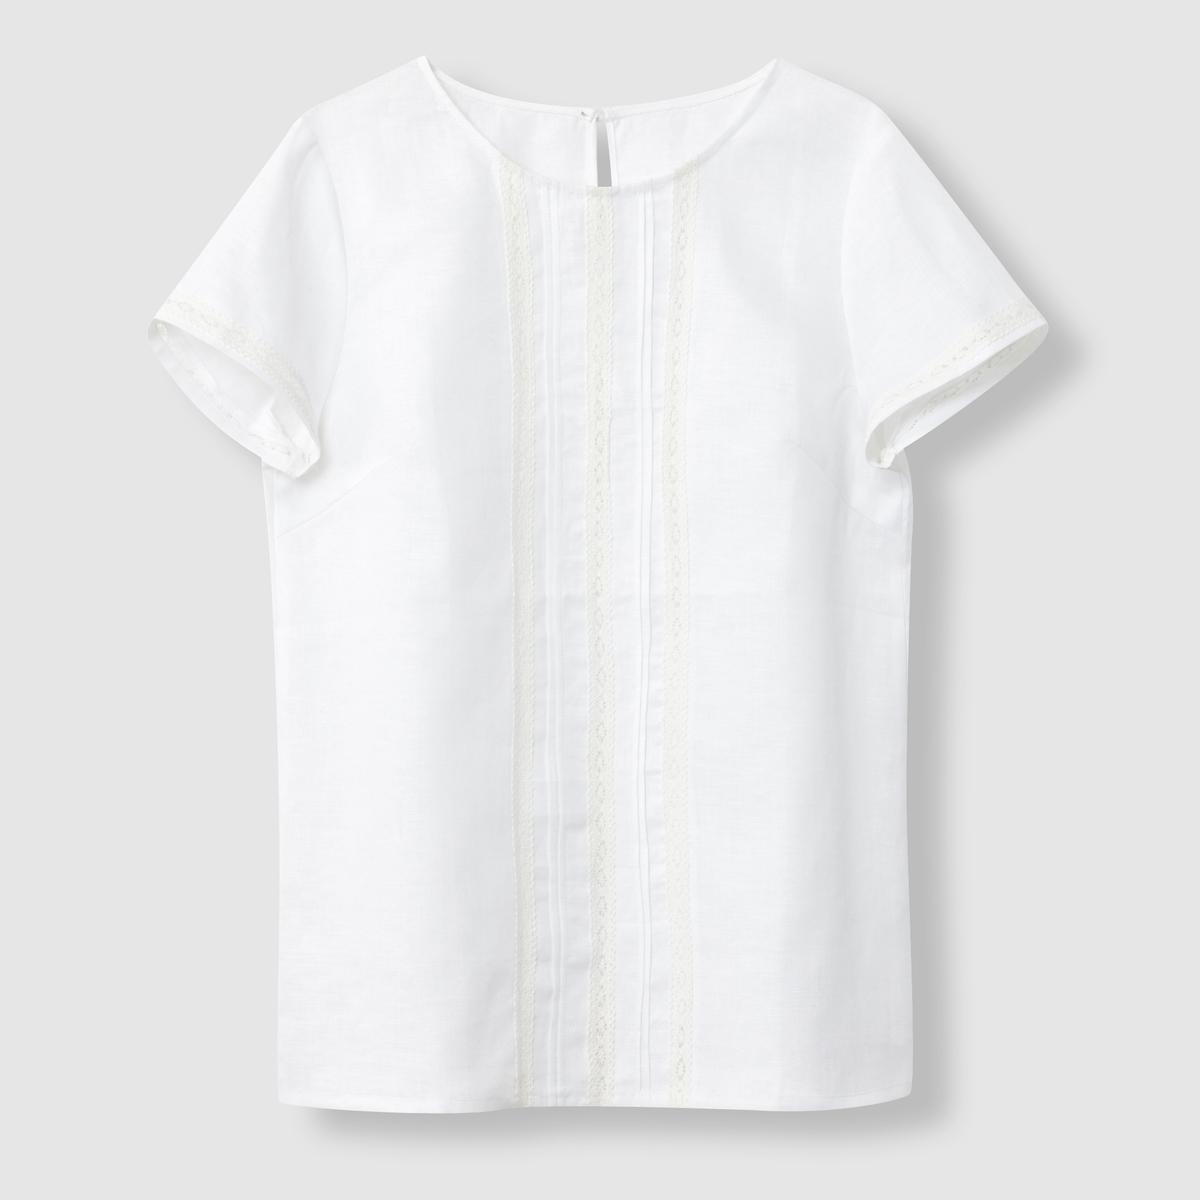 Блузка из хлопка и льна - R essentielСостав и описание:  Материал: хлопок и лен.  Марка: R essentiel.<br><br>Цвет: белый<br>Размер: 48 (FR) - 54 (RUS)